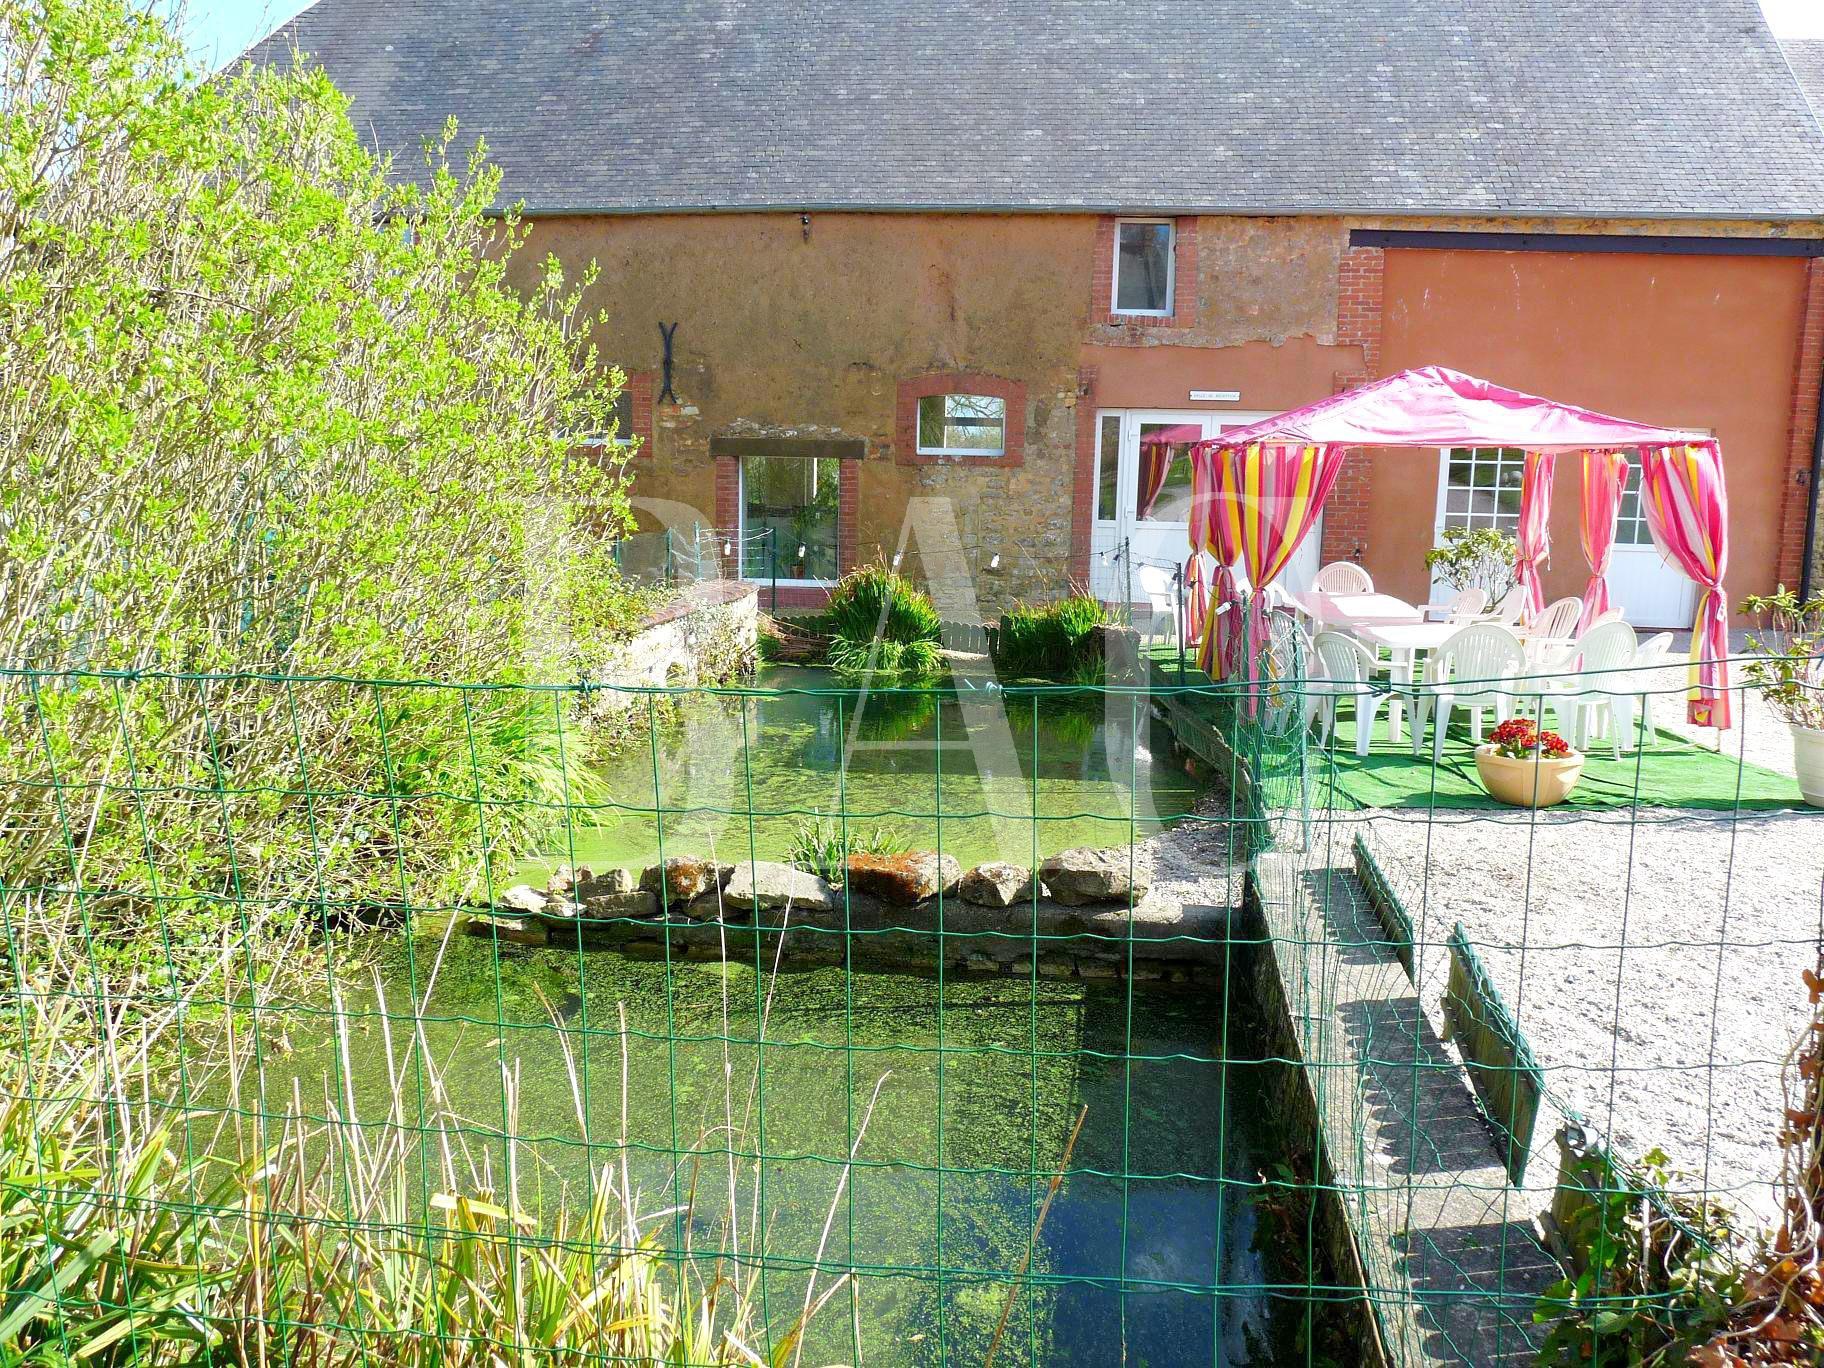 Joli corps de ferme à 7 km du port de Carentan et 15 km de la plage de Grancamp-Maisy